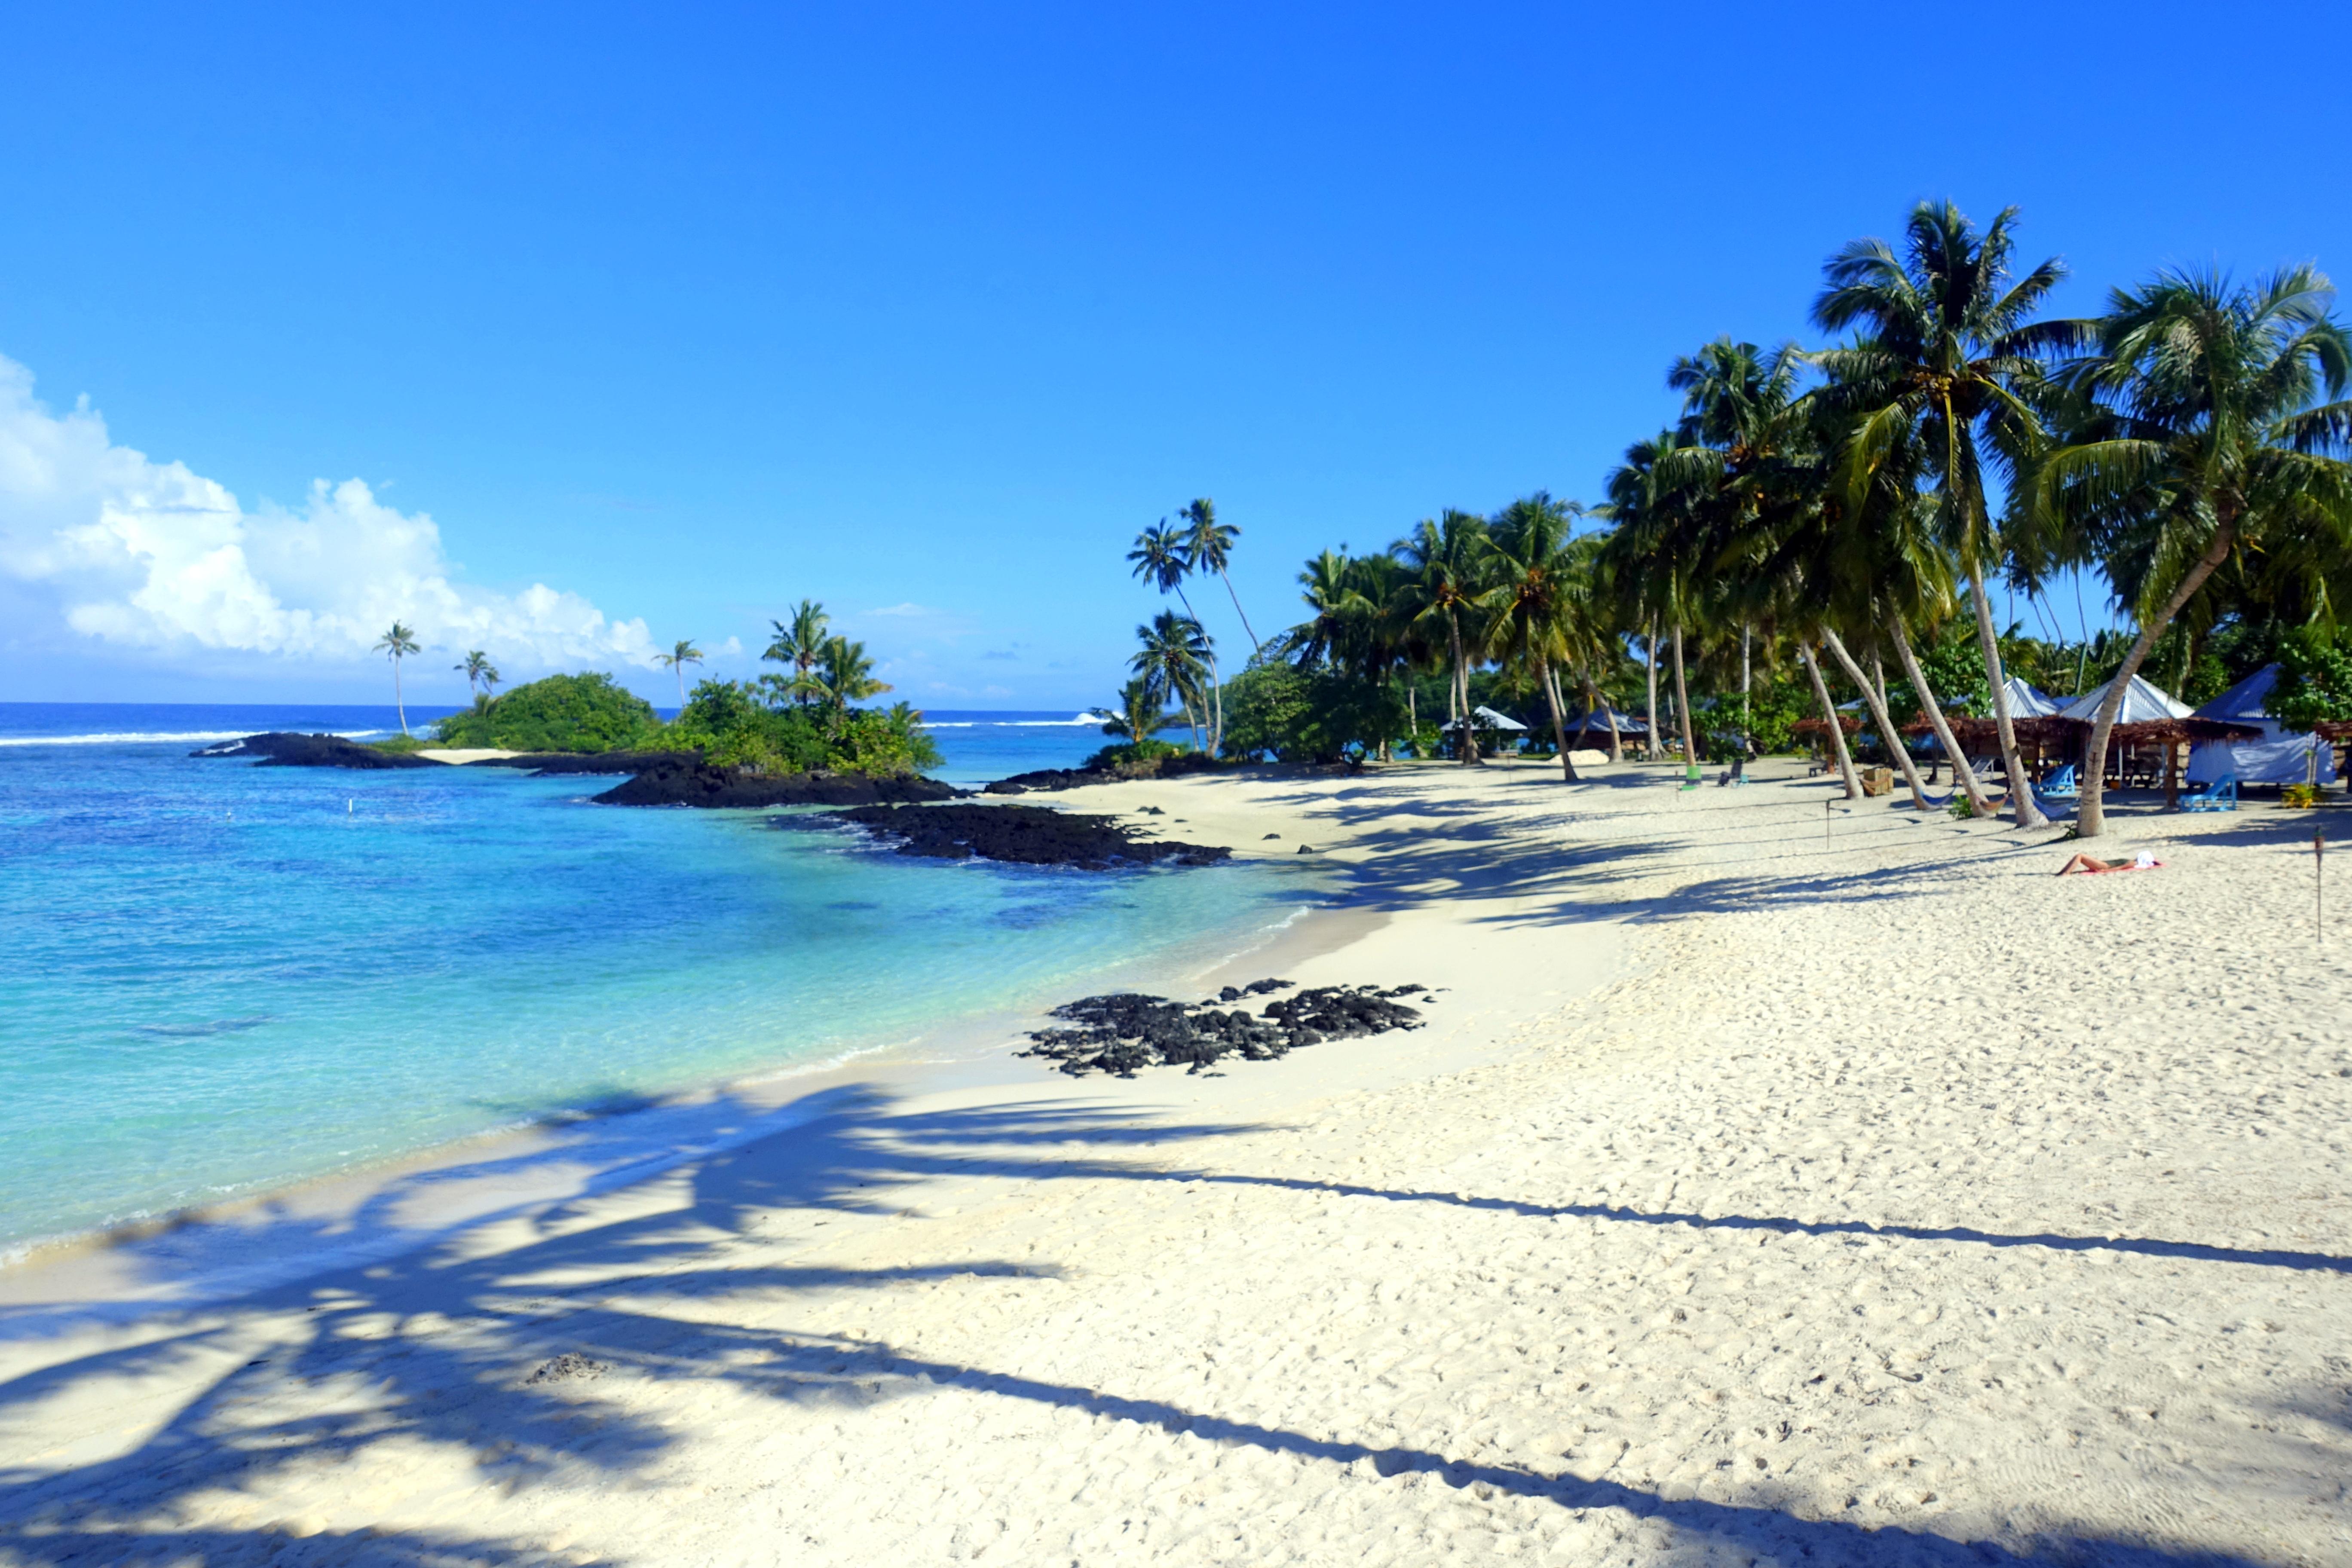 Matareva Beach Fales Privat-Strand mit Palmen und Riff - einer der schönsten Strände in Samoa - Reisebericht Samoa